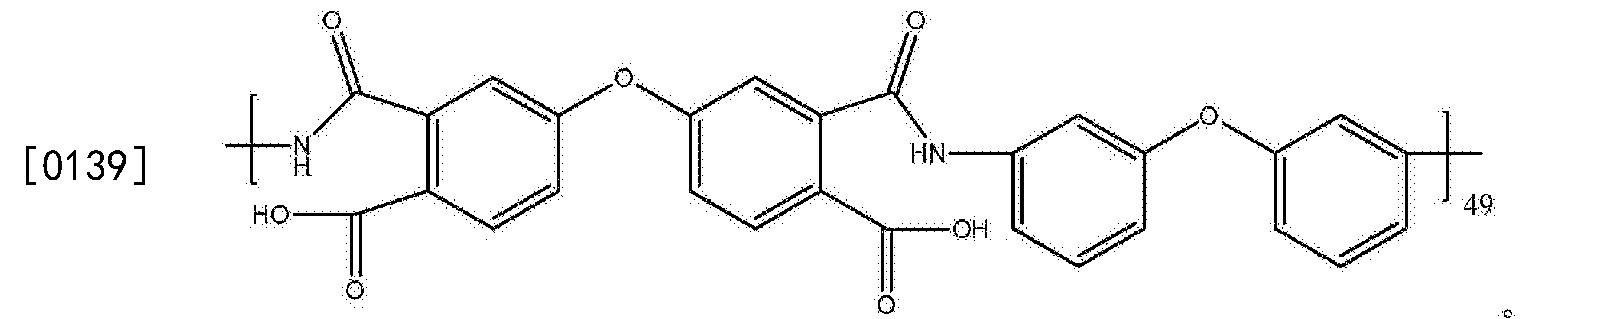 Figure CN104829837BD00191